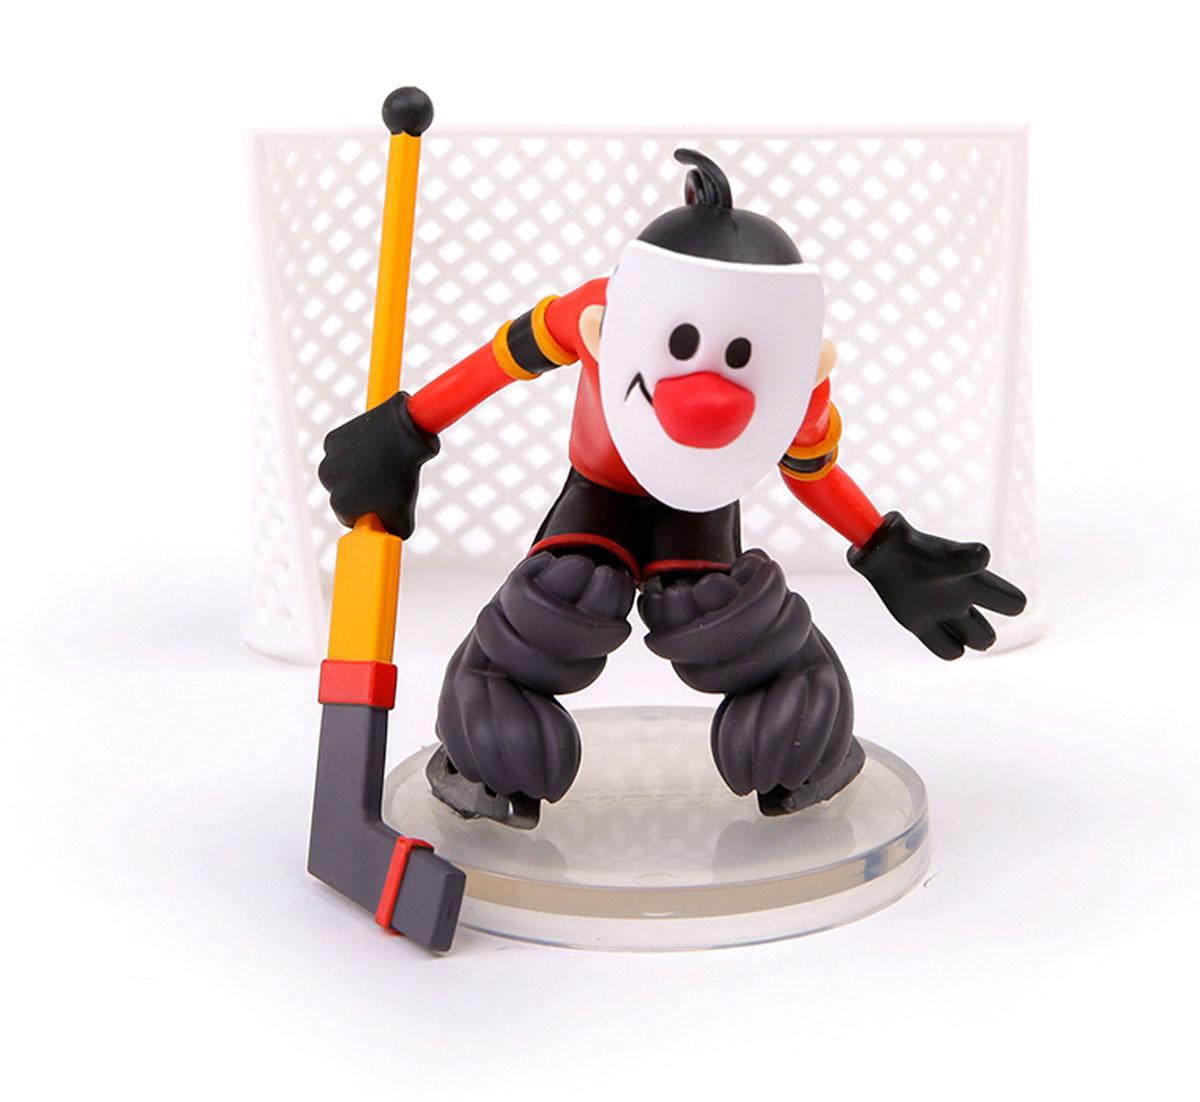 PROSTO toys Фигурка Вратарь Метеор prosto toys фигурка заботливая баба капа